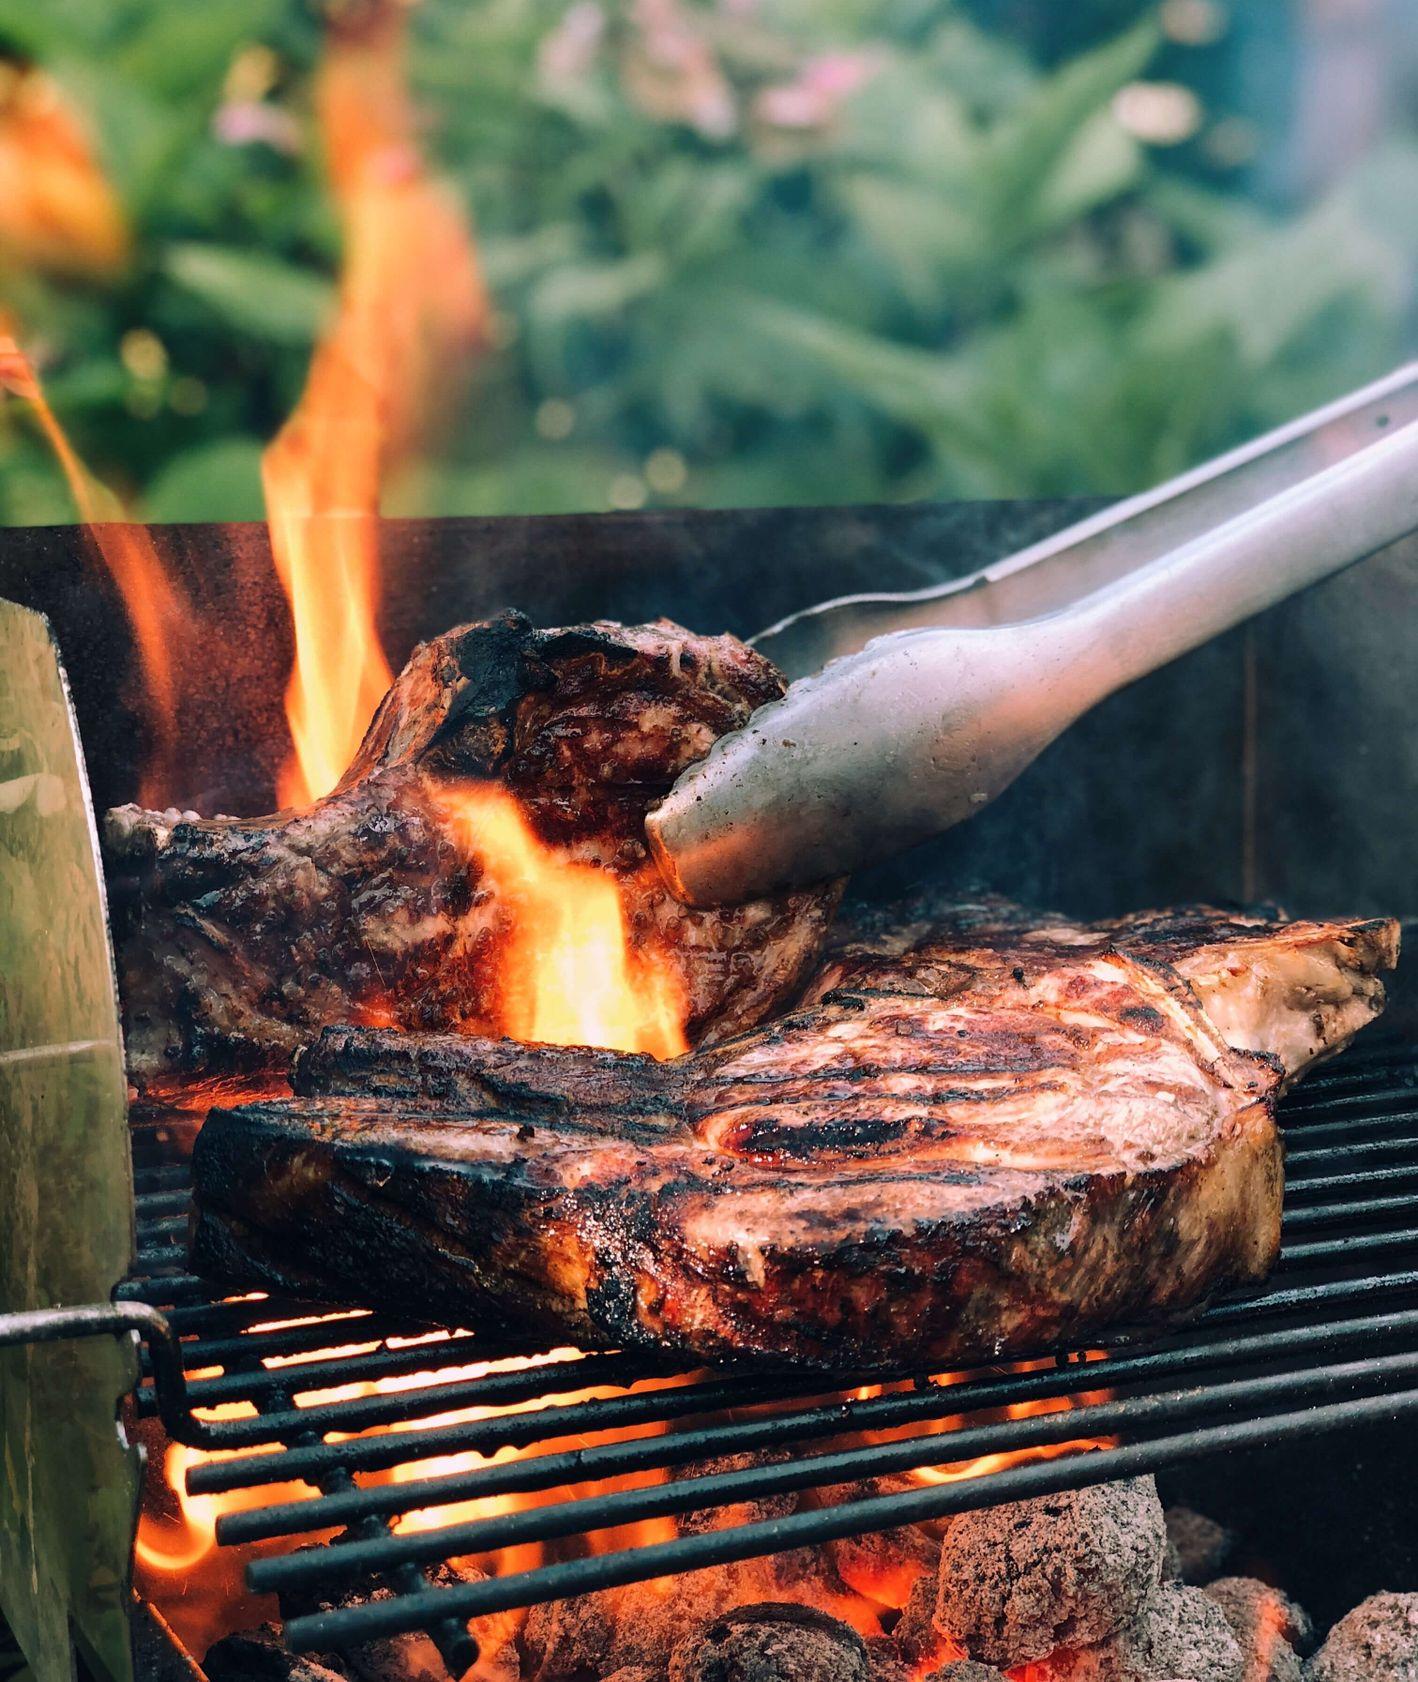 Mięso grillowane na świerzym powietrzu (fot. Paul Hermann)